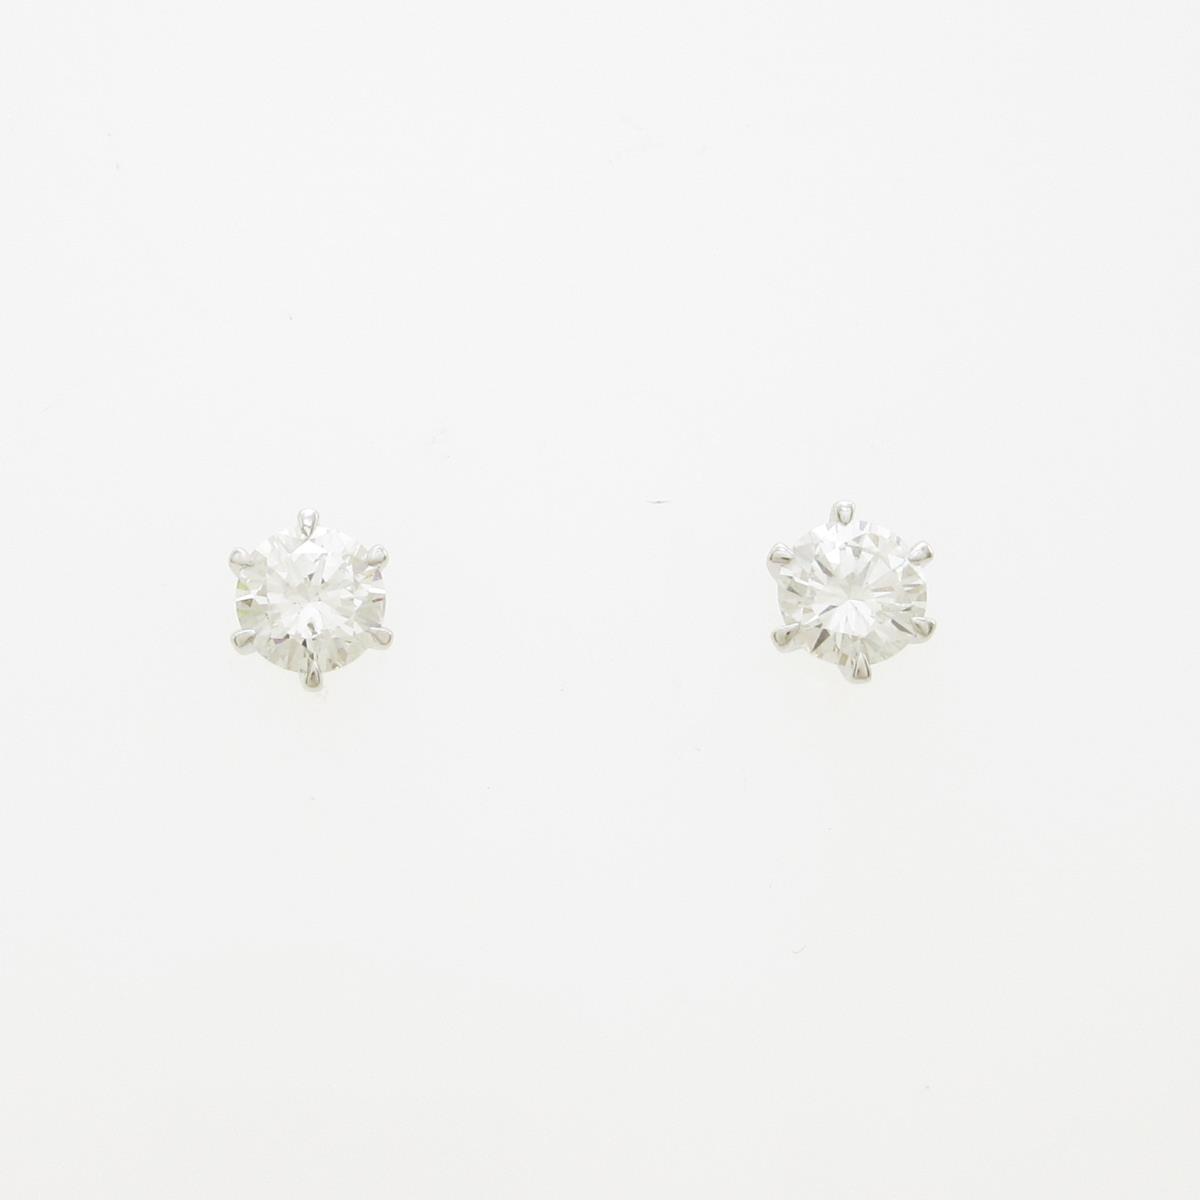 【リメイク】プラチナダイヤモンドピアス 0.244ct・0.244ct・E・SI1・VG-GOOD【中古】